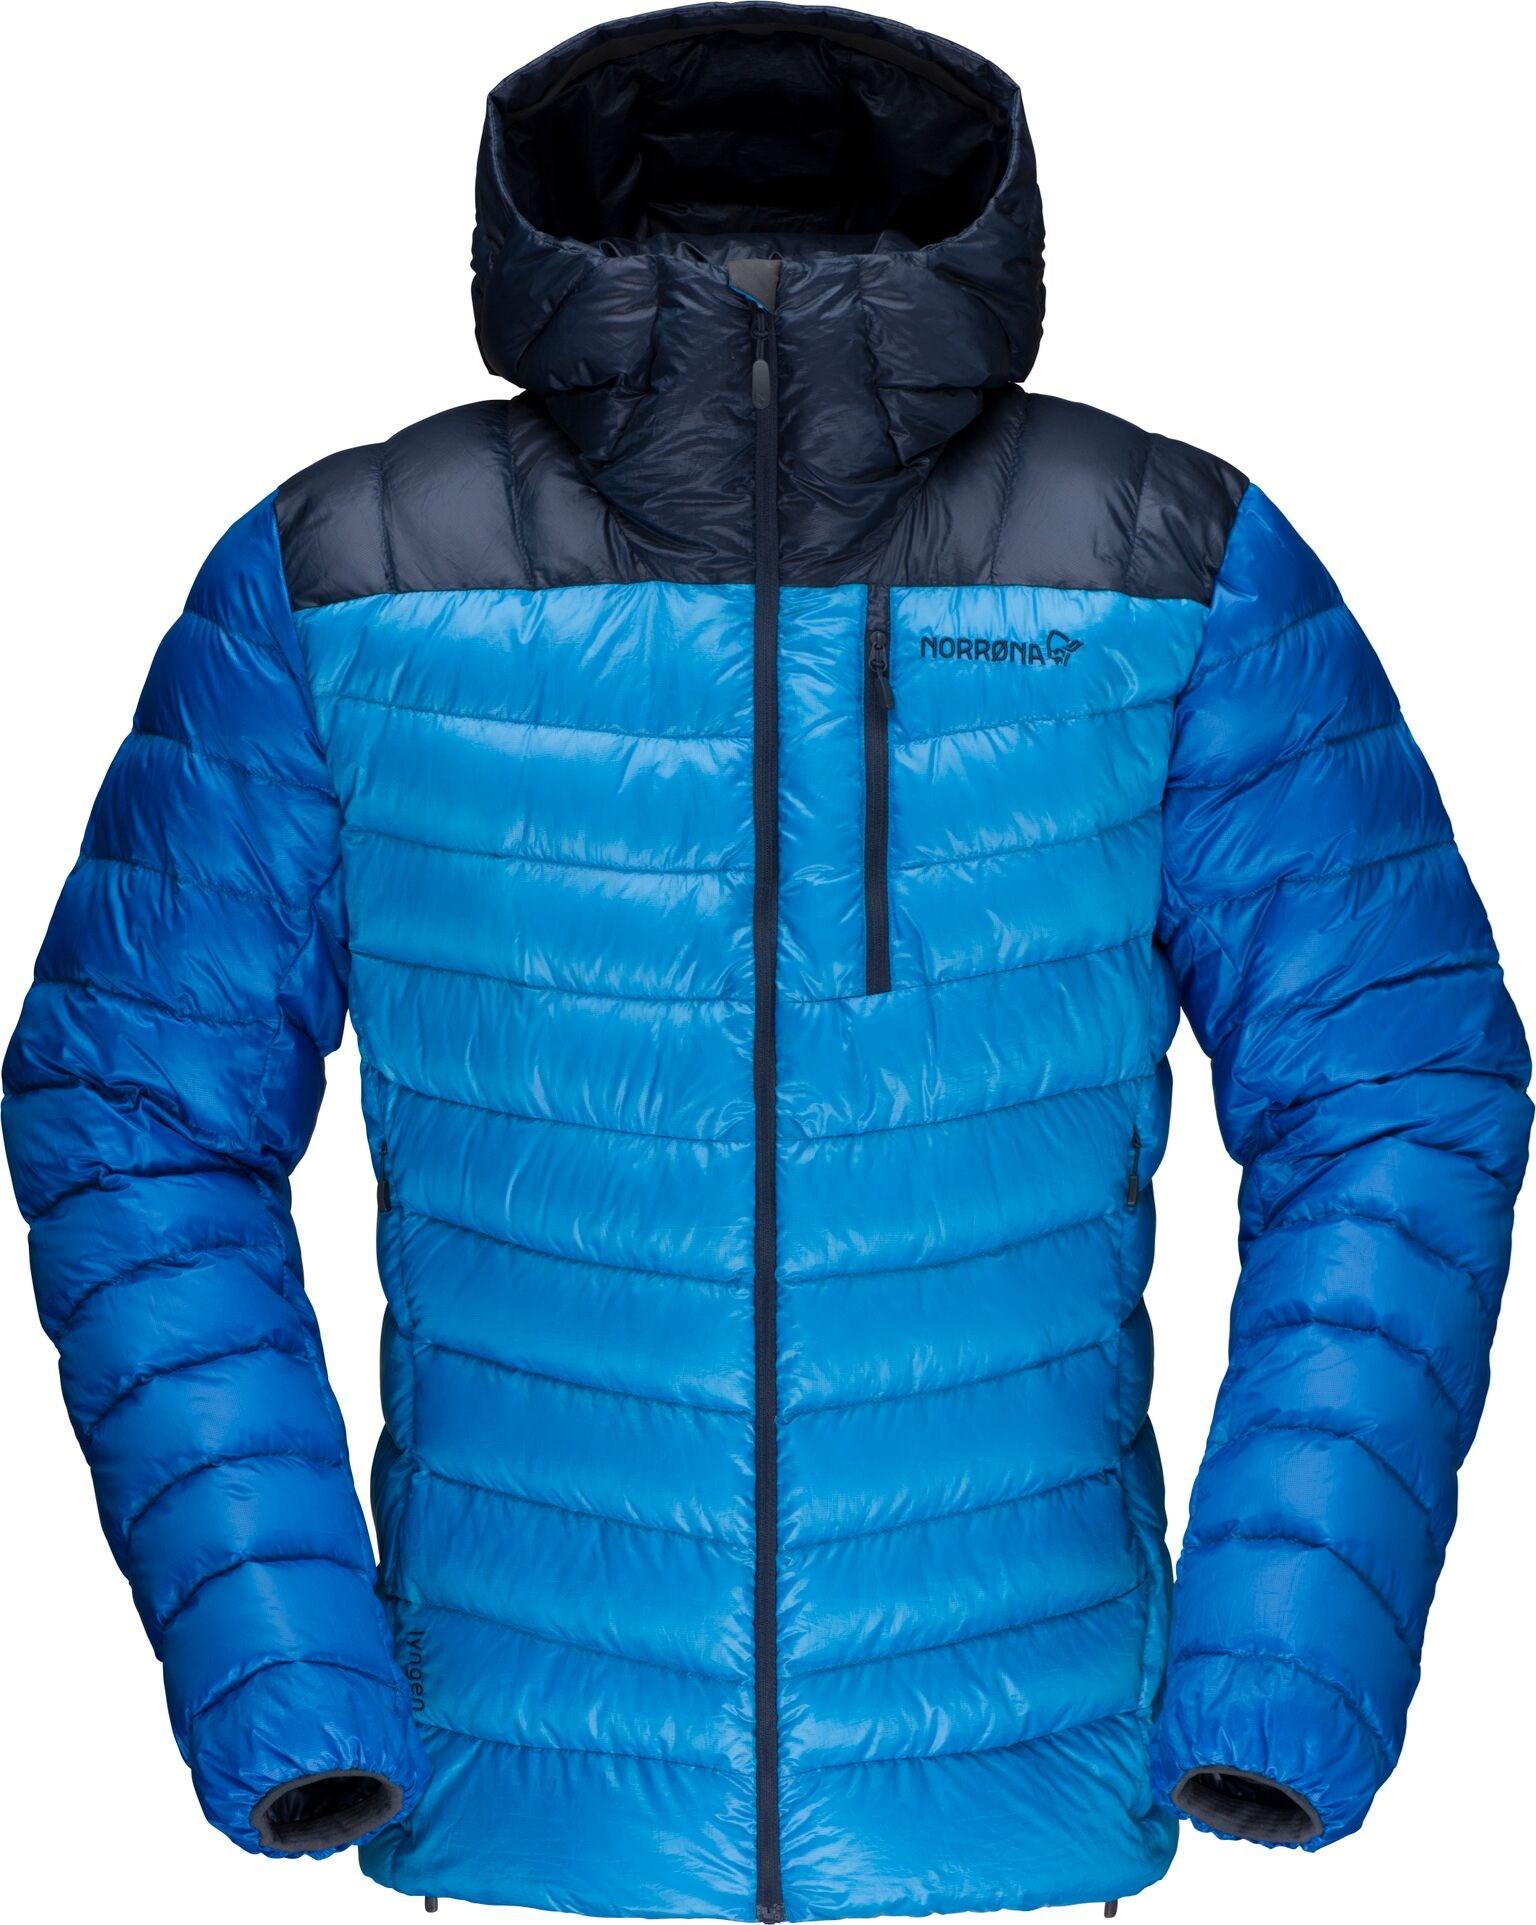 93e0c257 ... Bilde: Norrøna Lyngen down850 Hood Jacket, dunjakke herre - Hot Sapphire